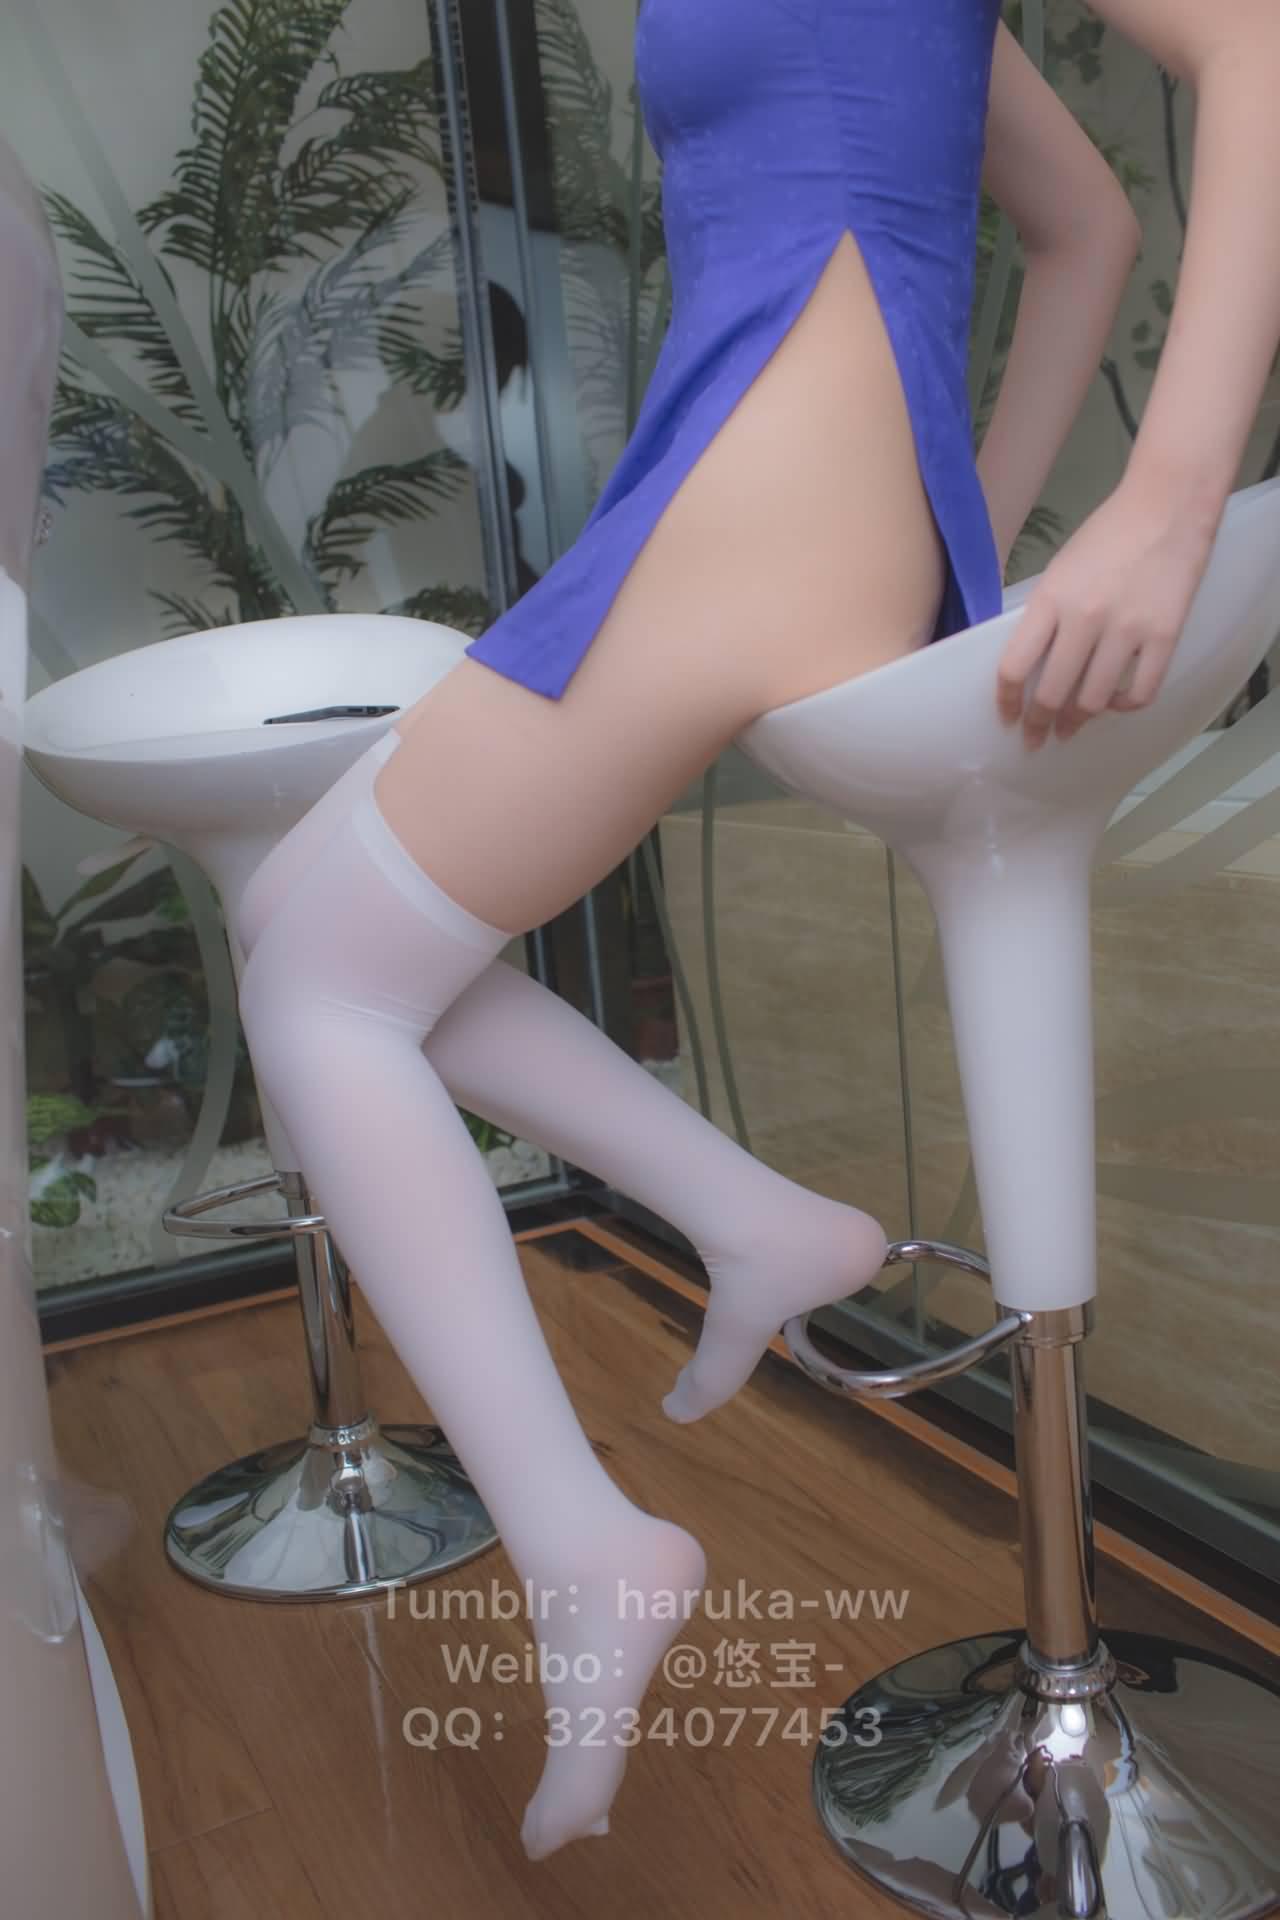 phDNfm - Young japanese school girl white stockings cheongsam 悠宝三岁 白丝旗袍